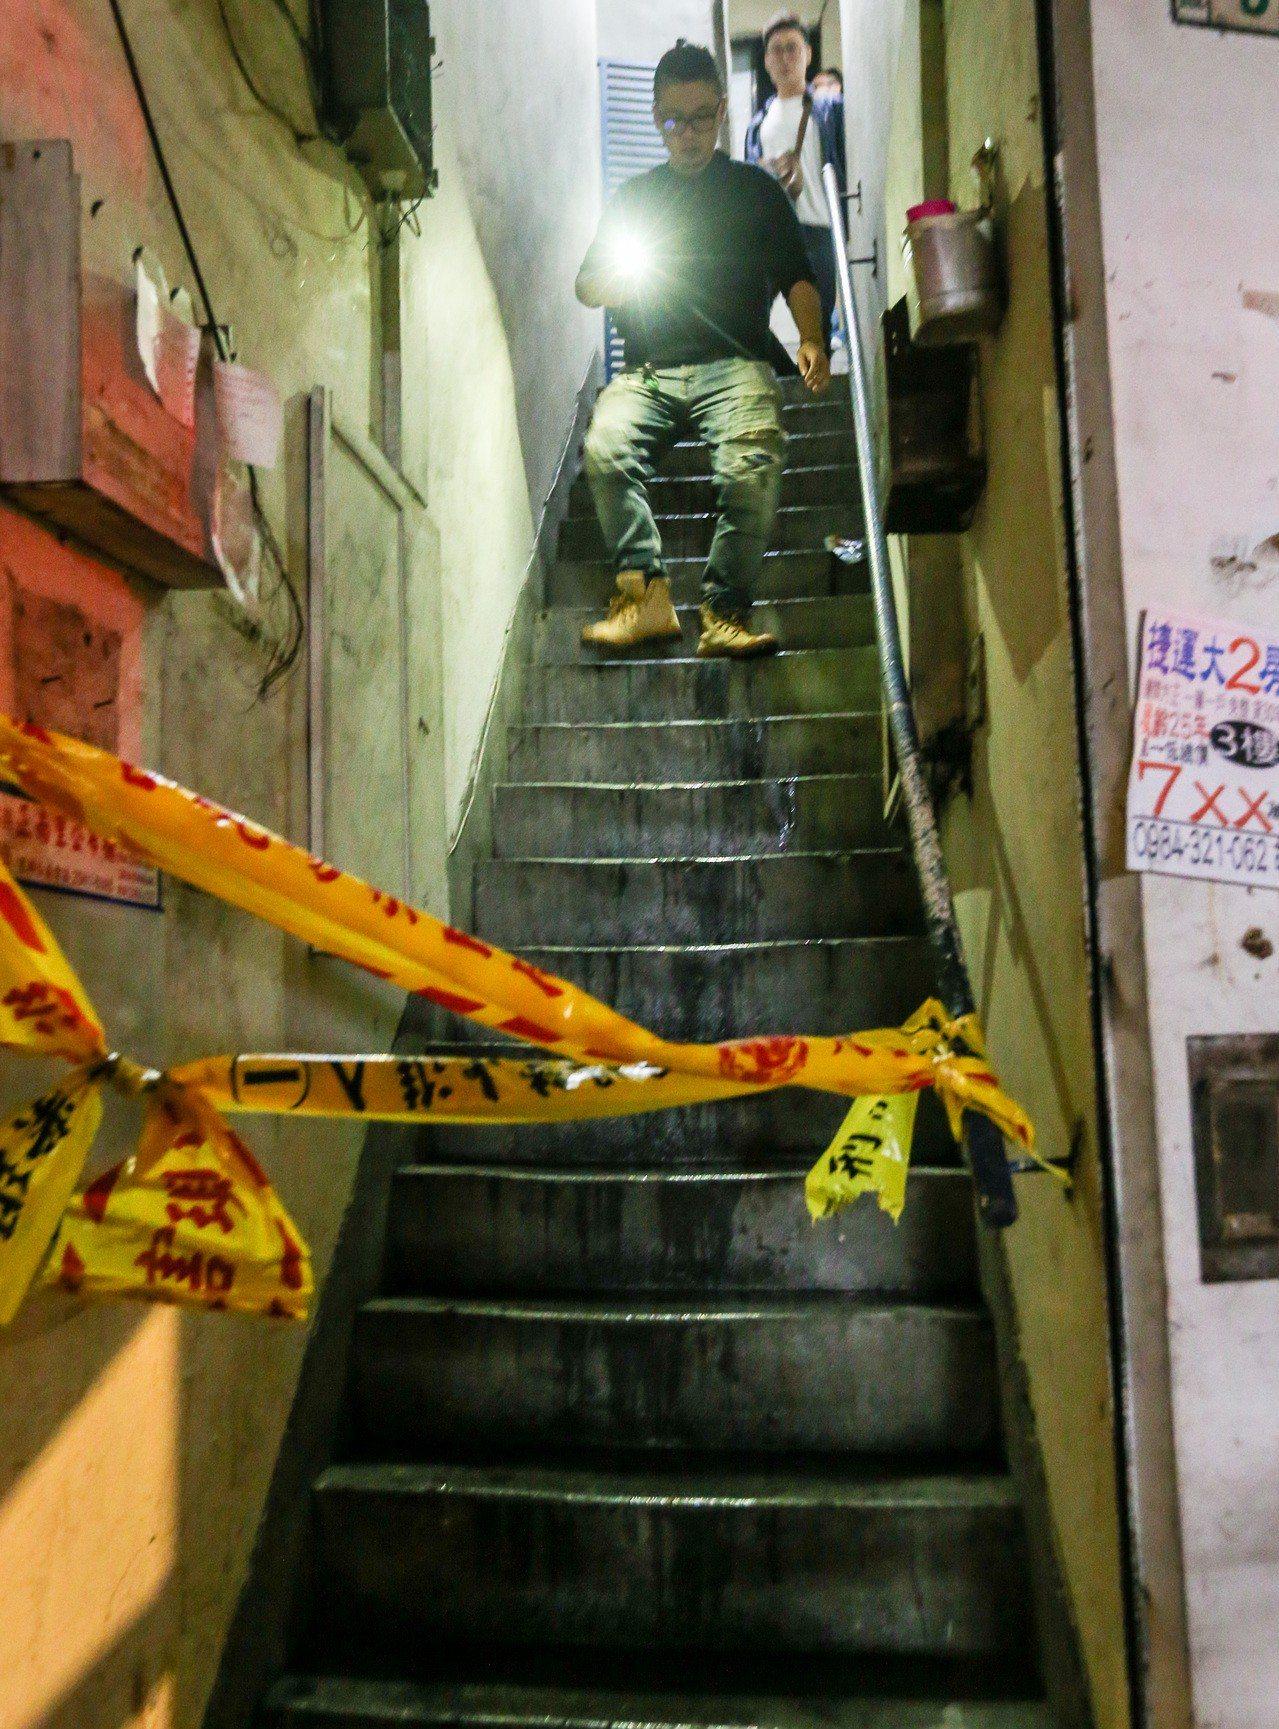 樓梯間是逃生重要設施,租屋時要特別注意。 記者鄭清元/攝影